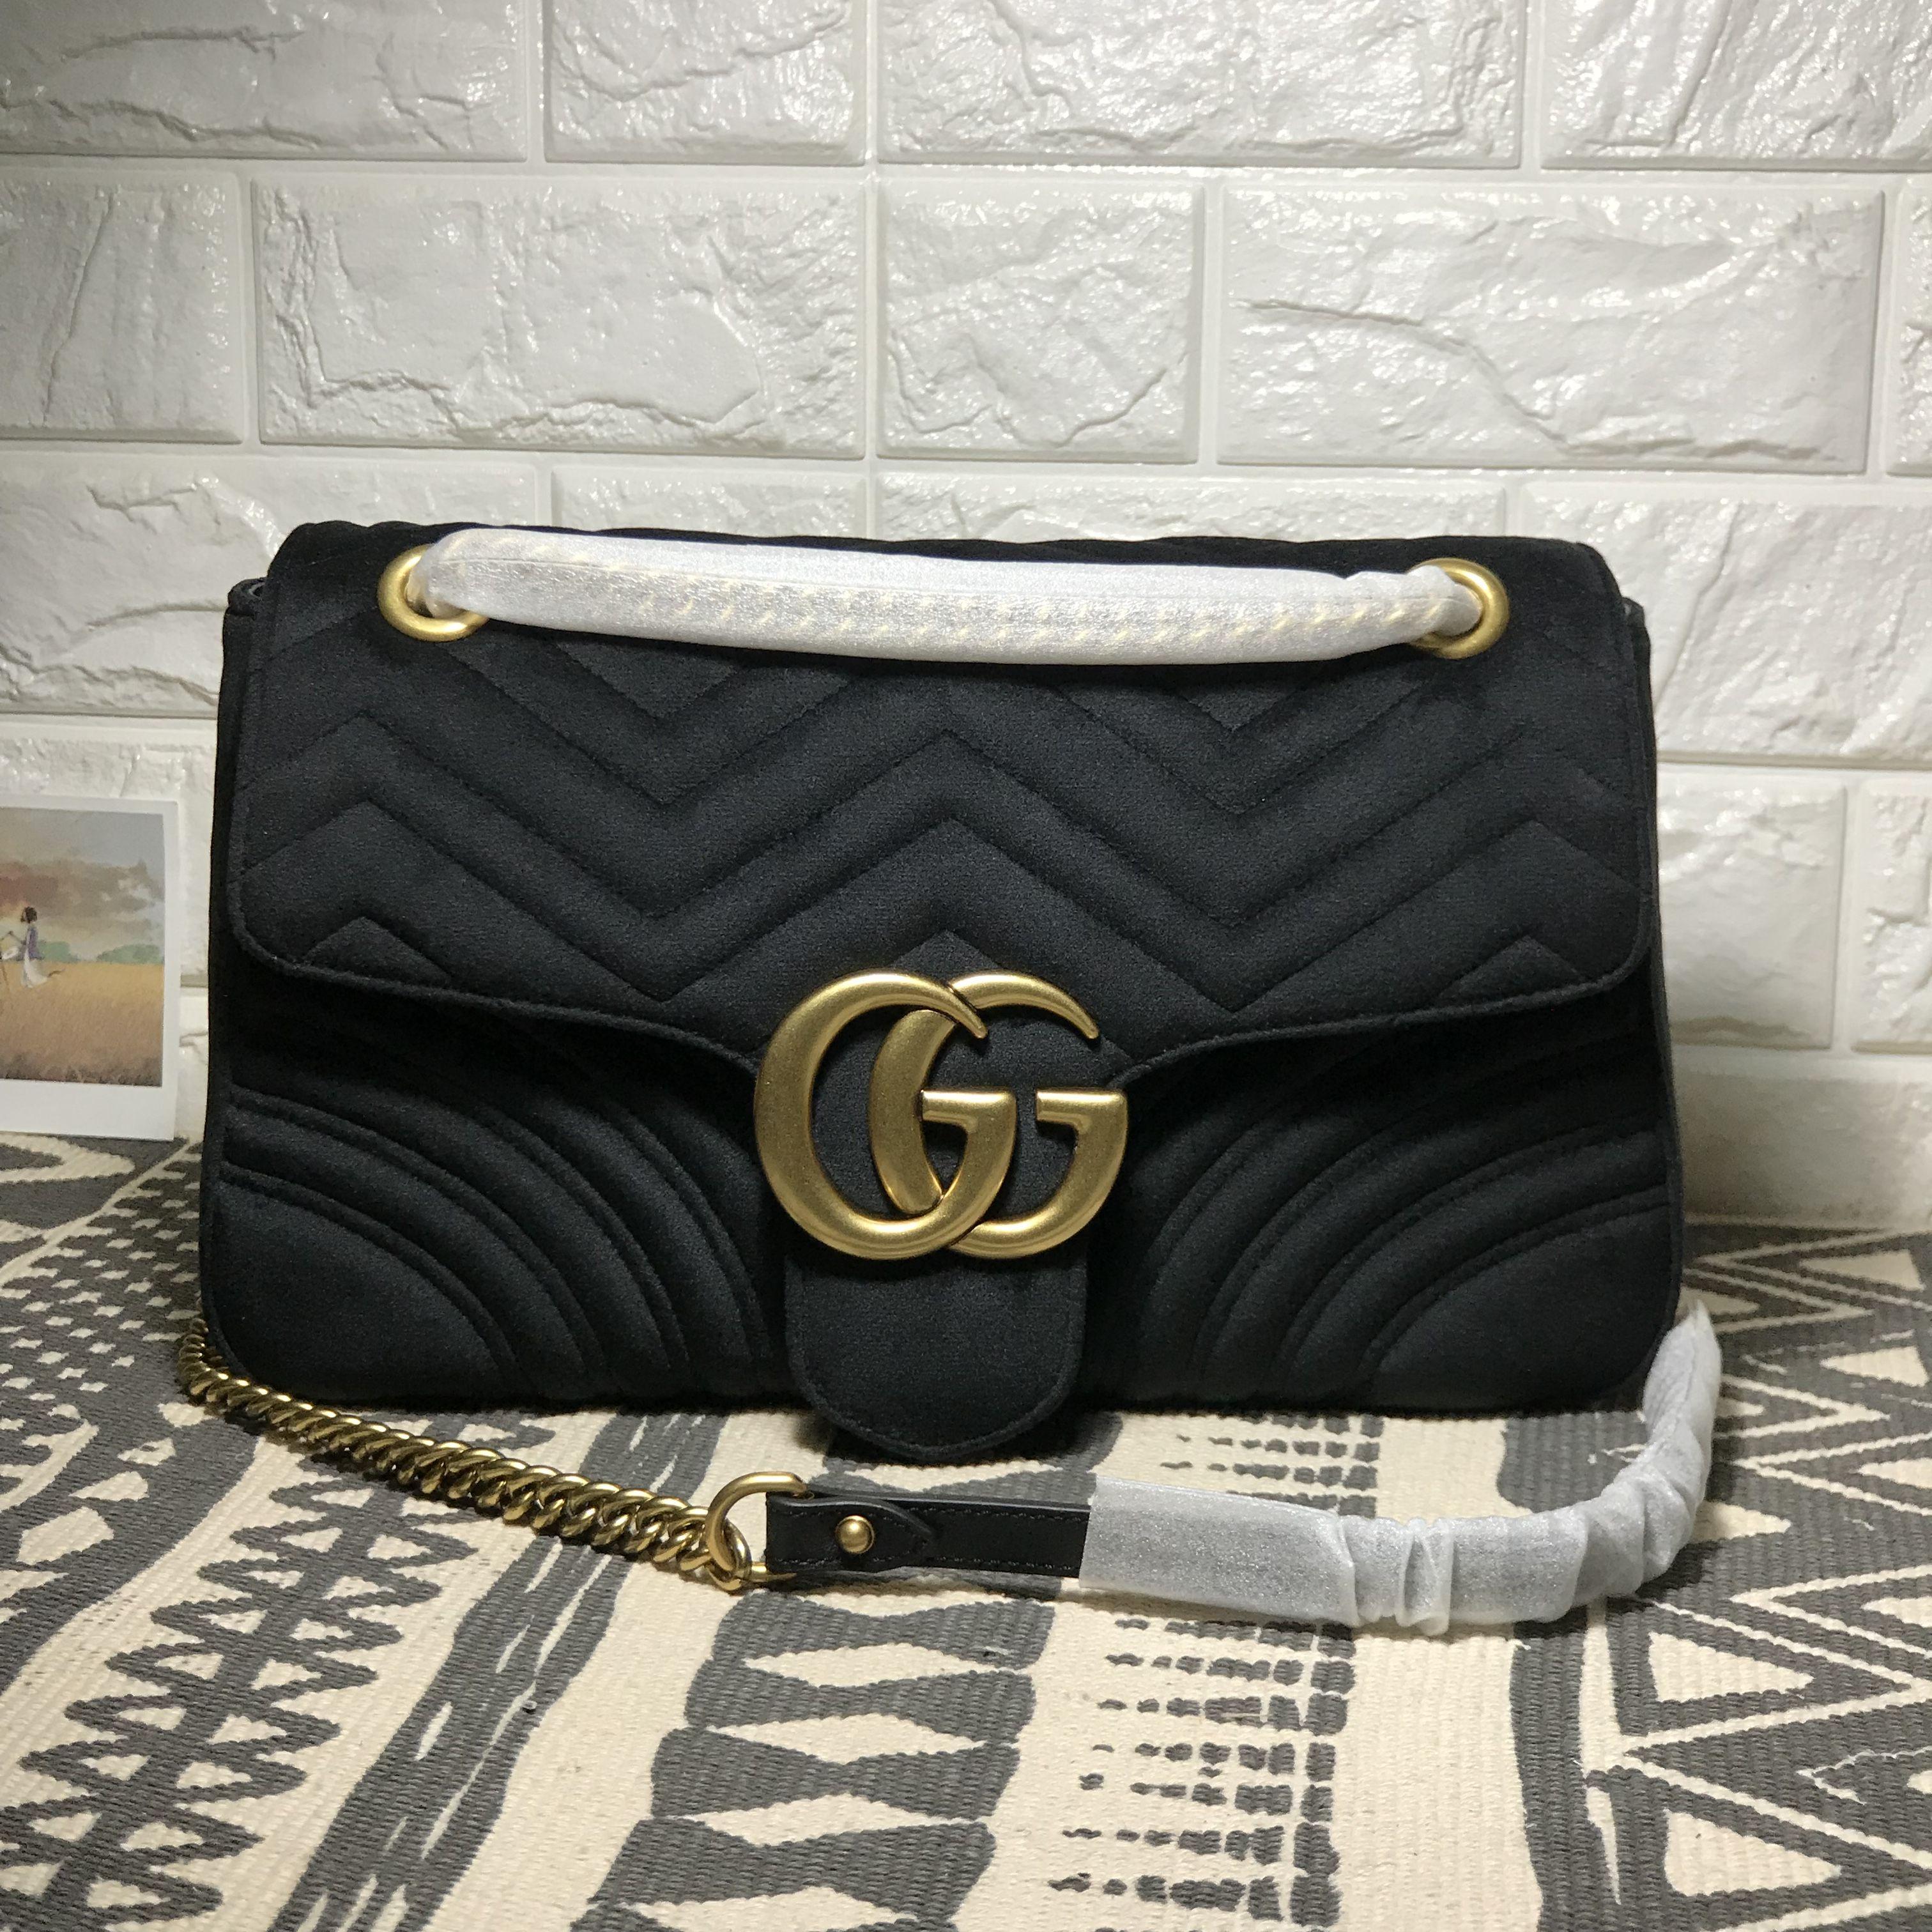 Gucci woman marmont shoulder bag velvet style large size